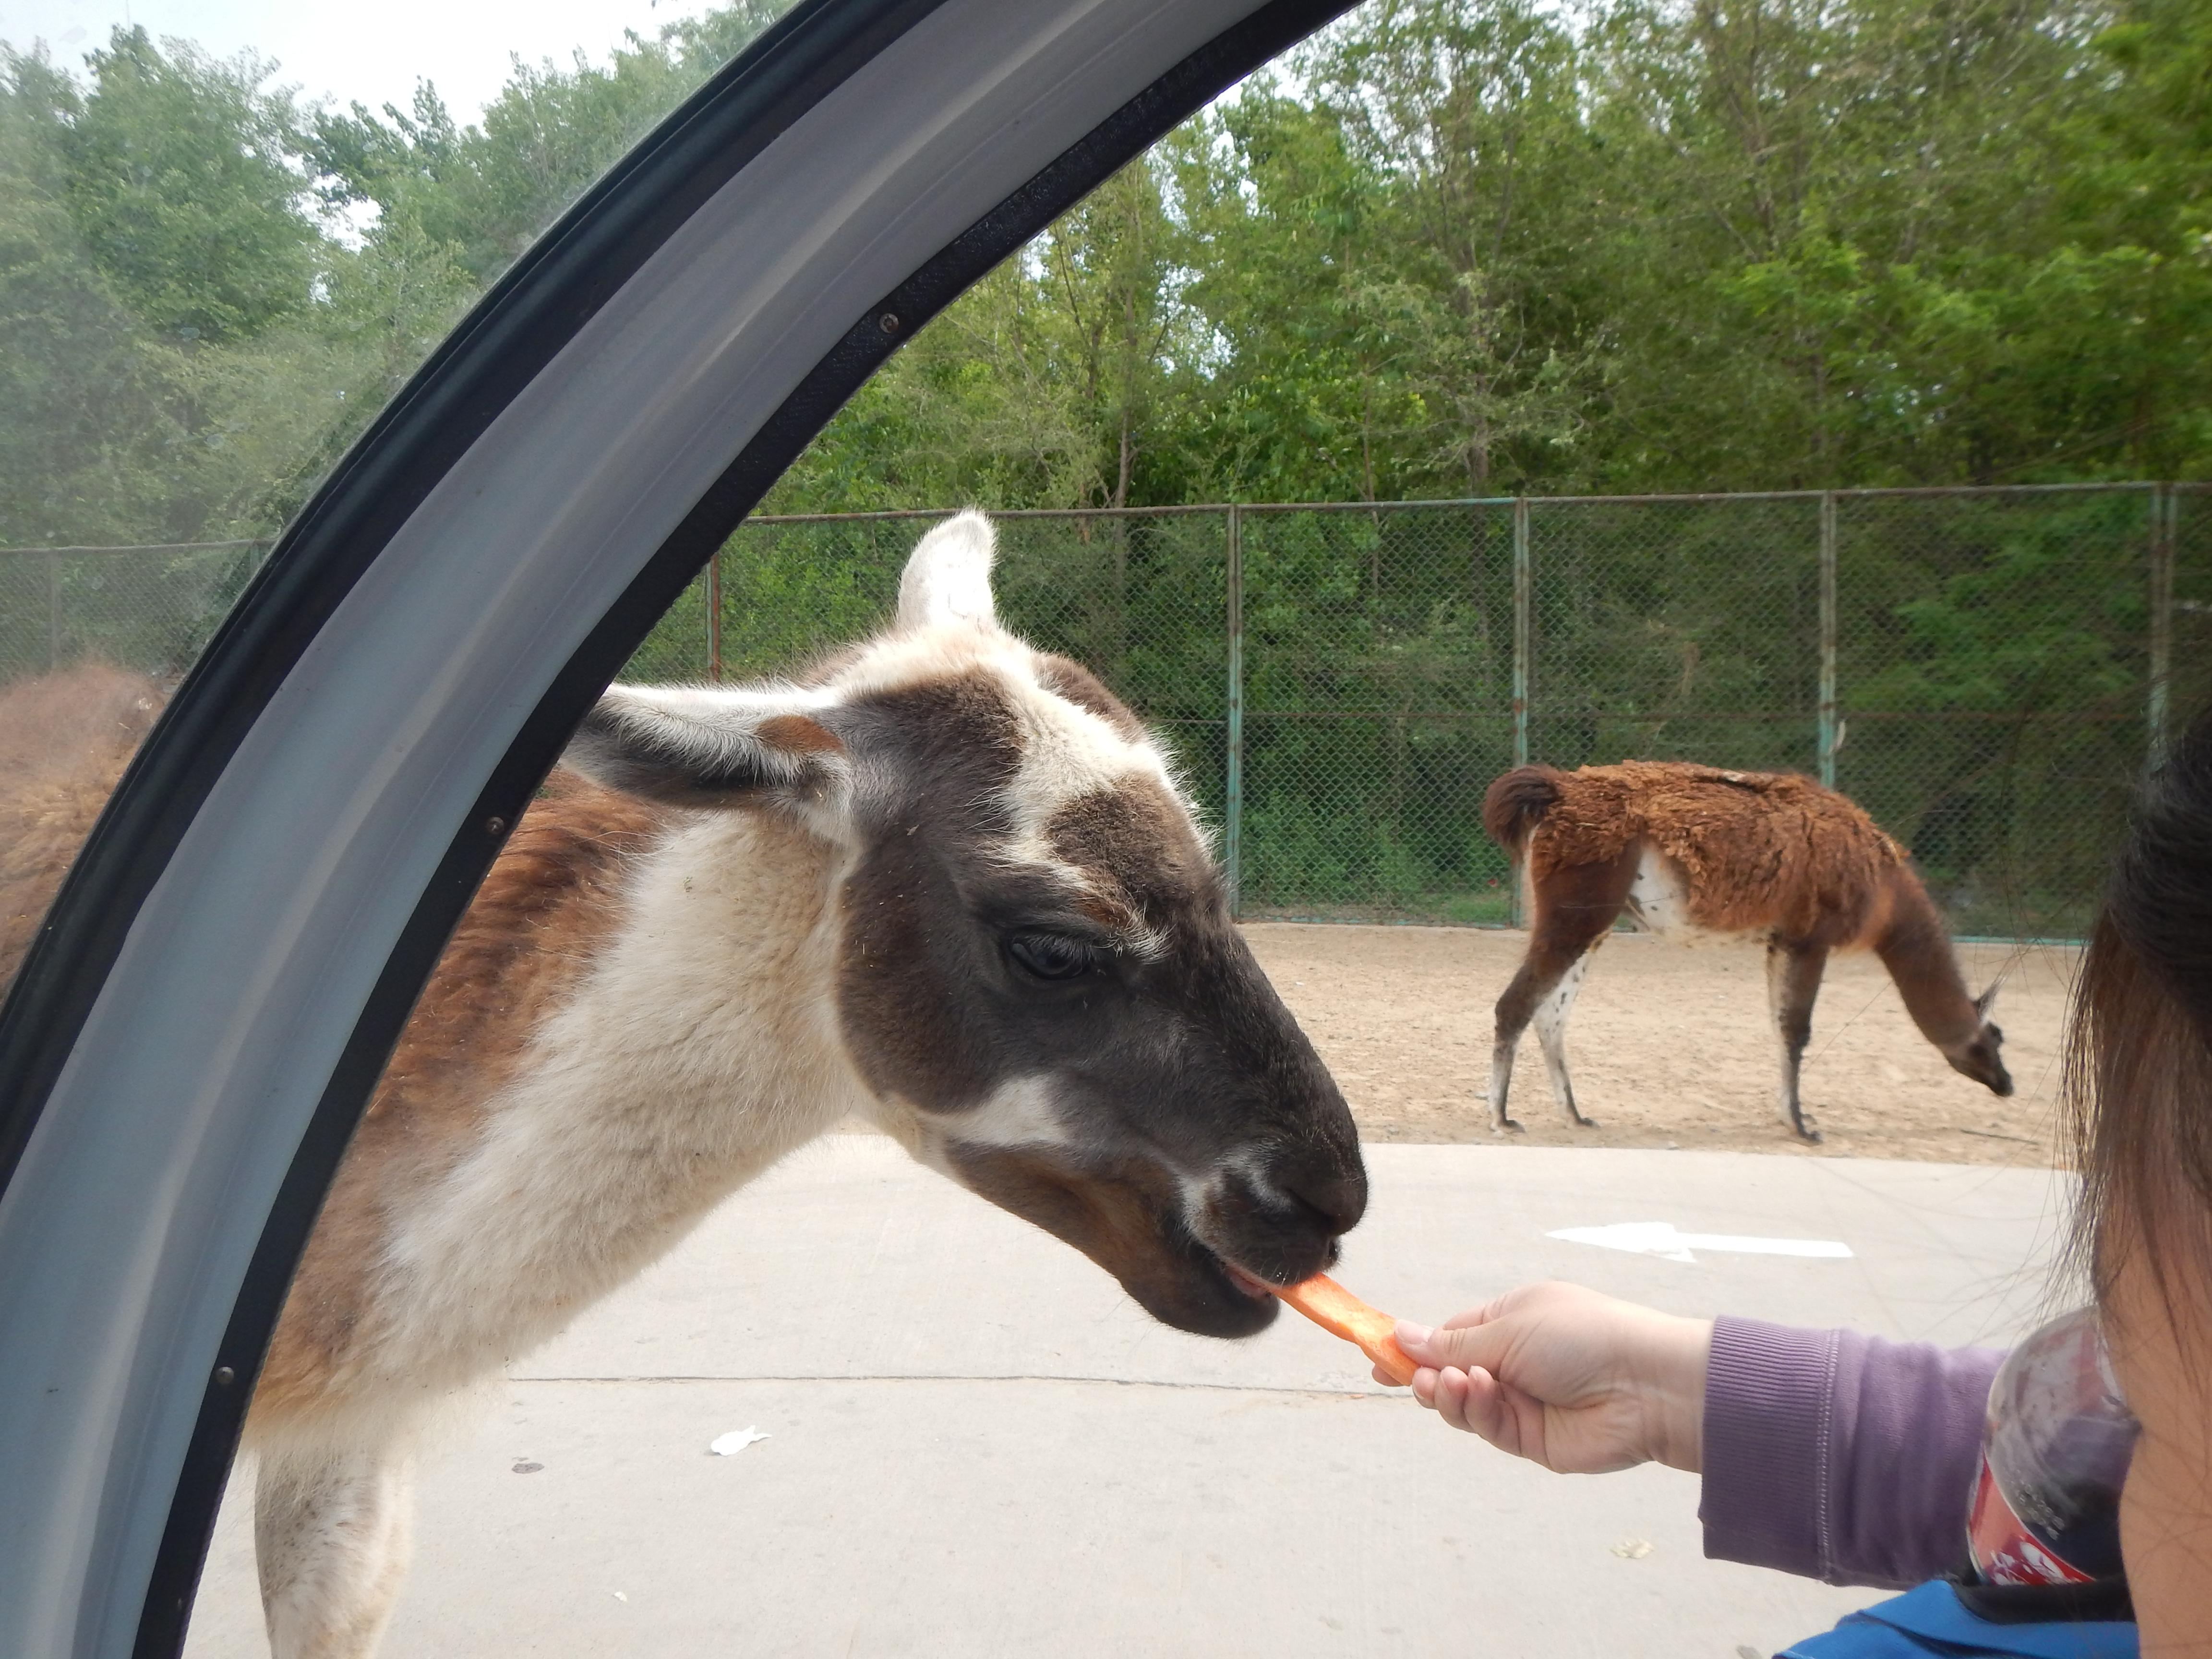 北京野生动物园 没有坐车笼子车与动物近距离接触也不遗憾,现在园内